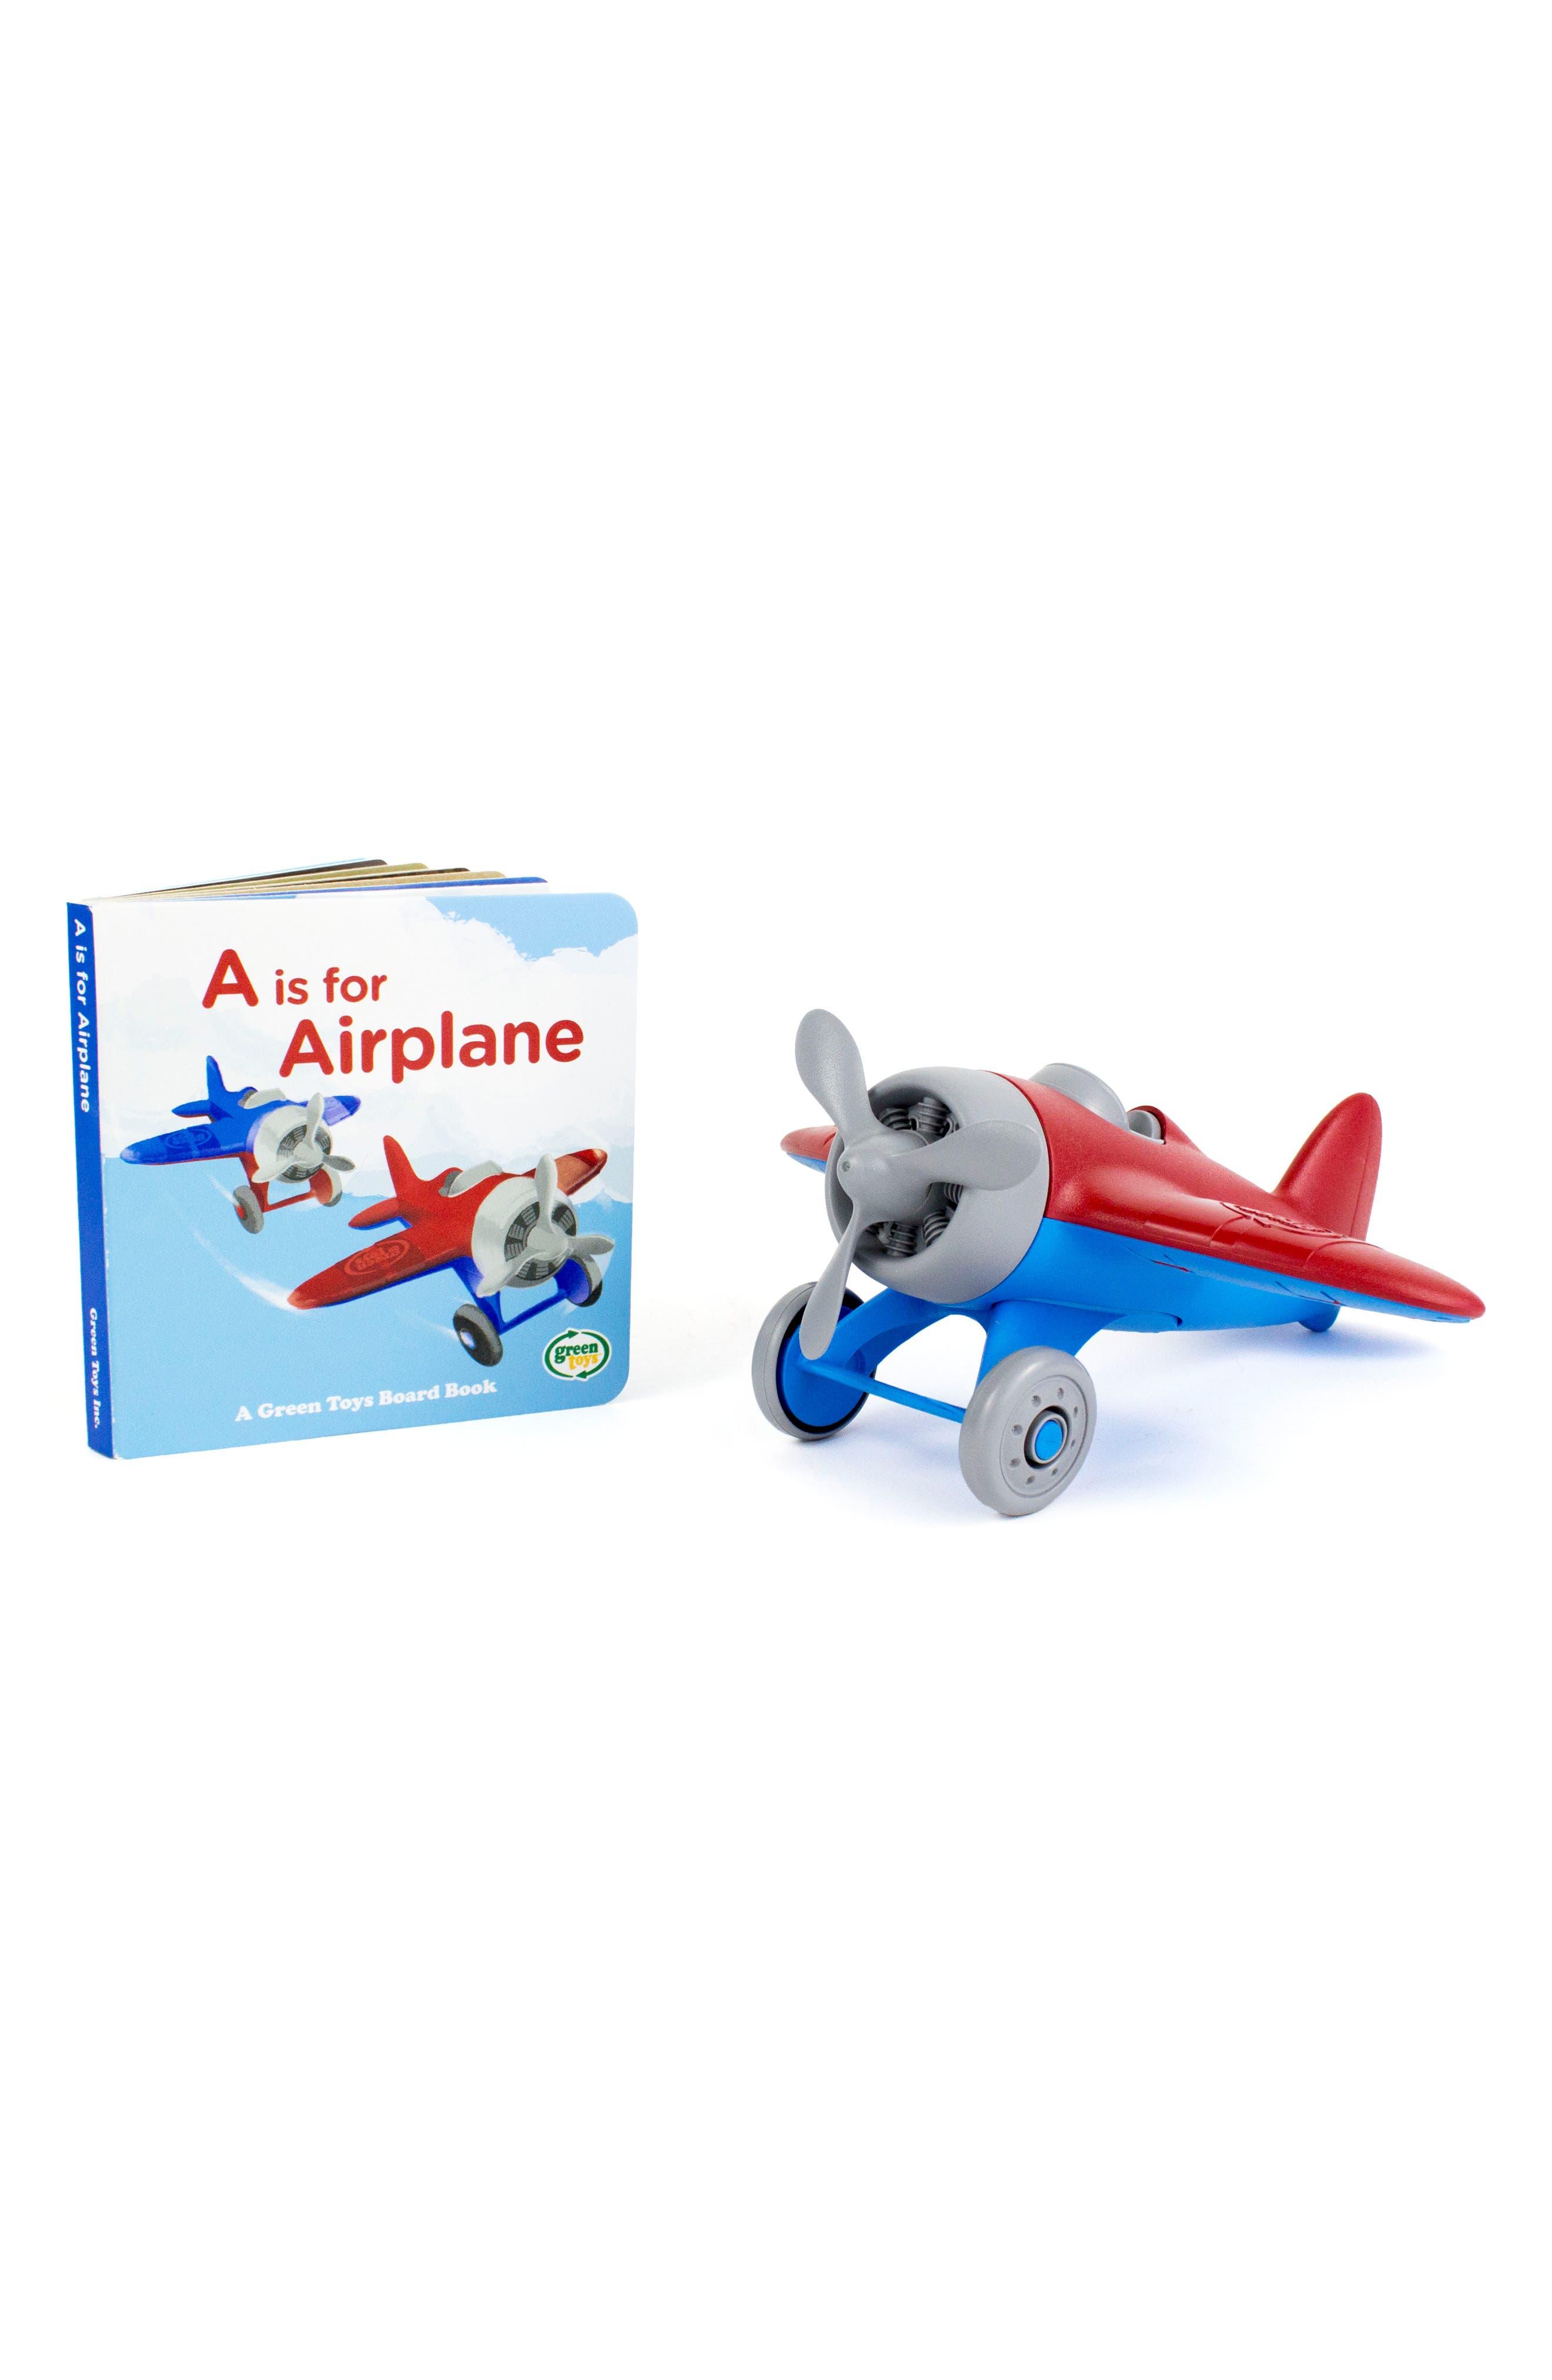 Green Toys Airplane Toy & Alphabet Book Set